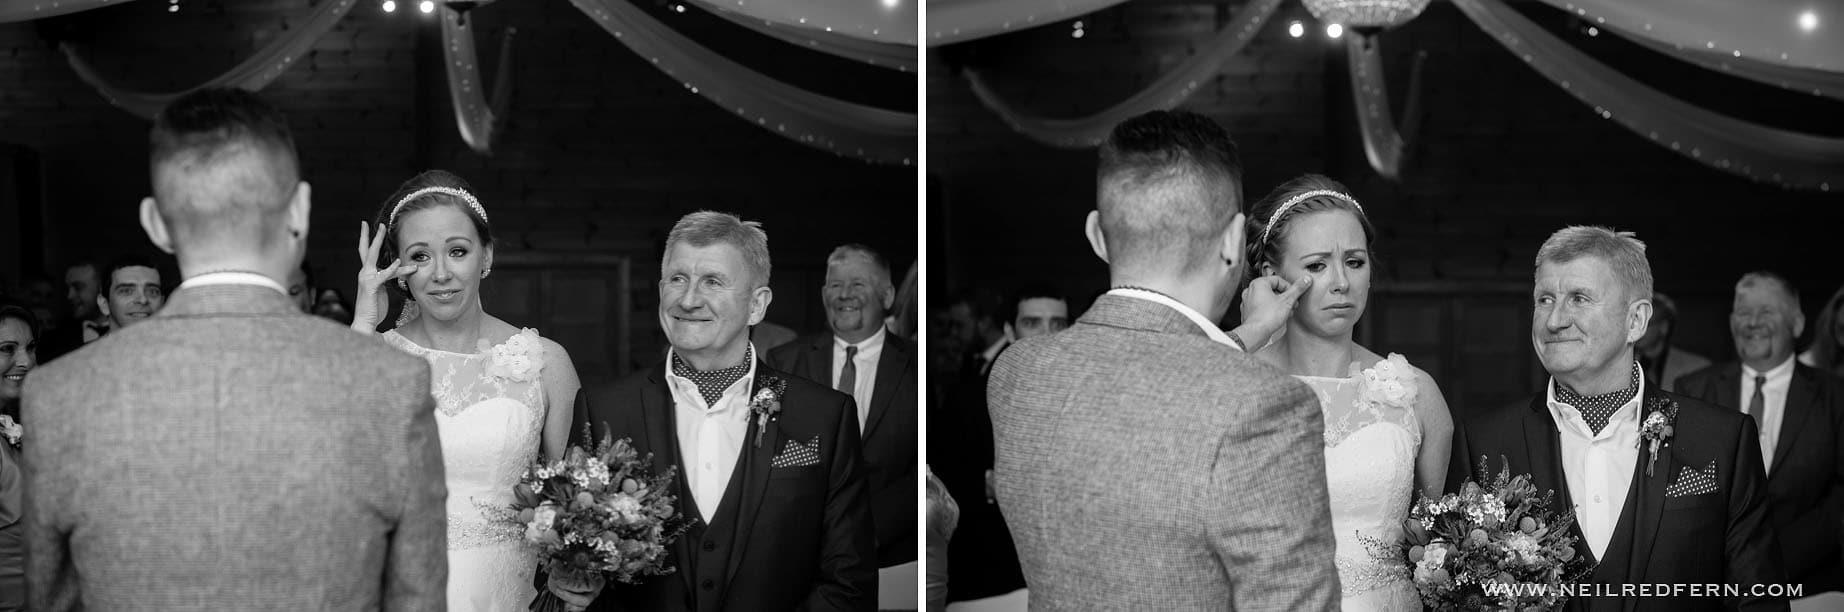 Styal Lodge wedding photographer 08